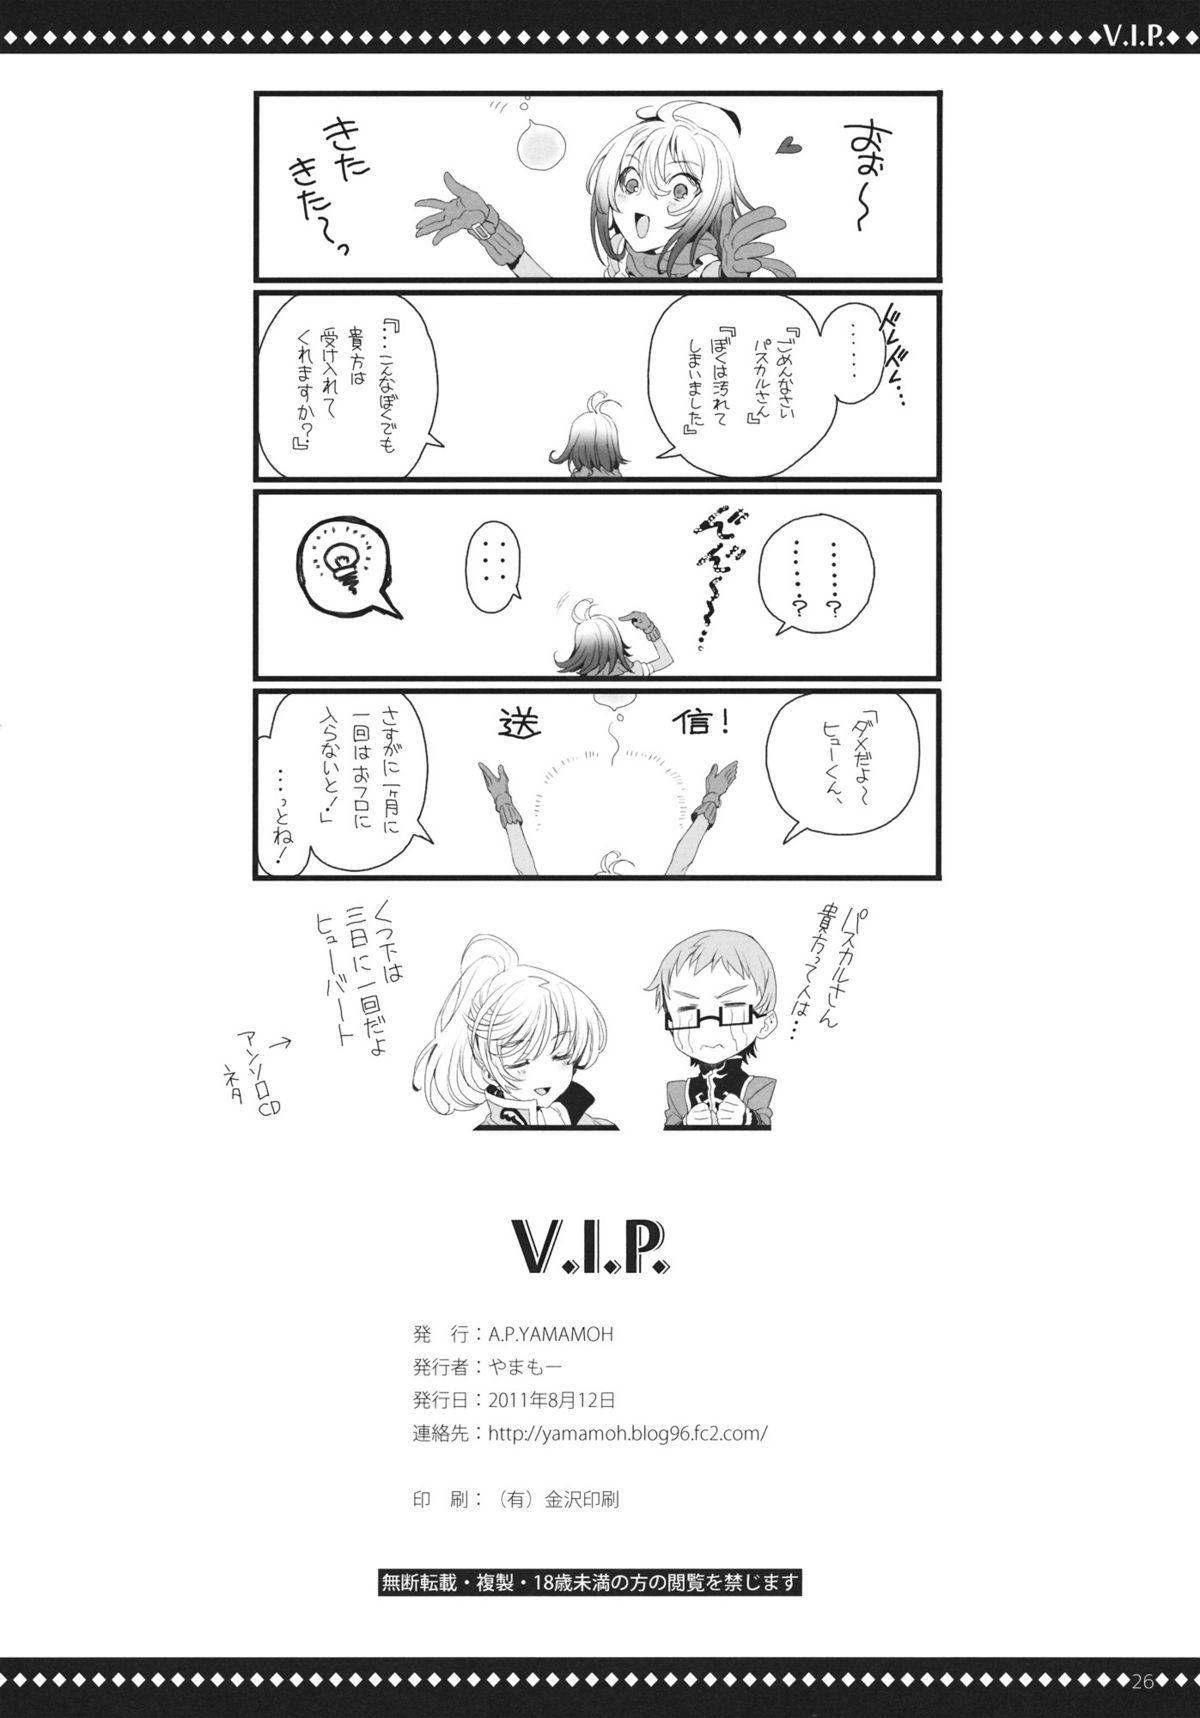 V.I.P. 24